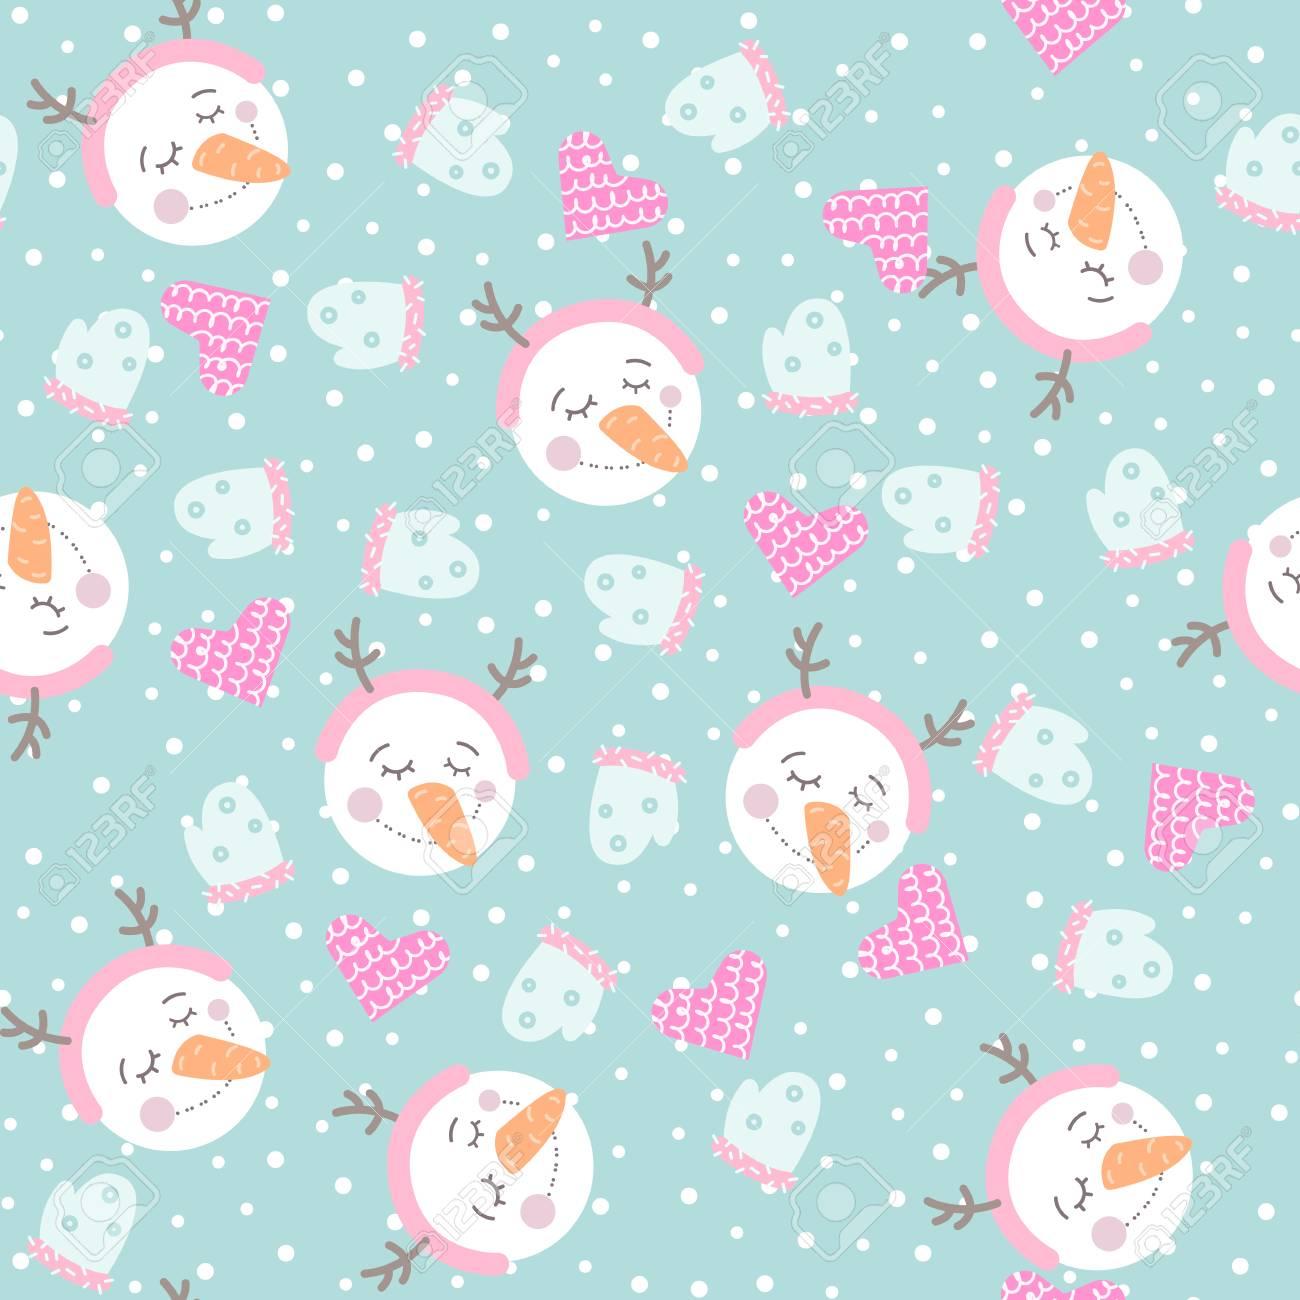 かわいい手雪だるま 心とミトンで描かれたシームレス パターン